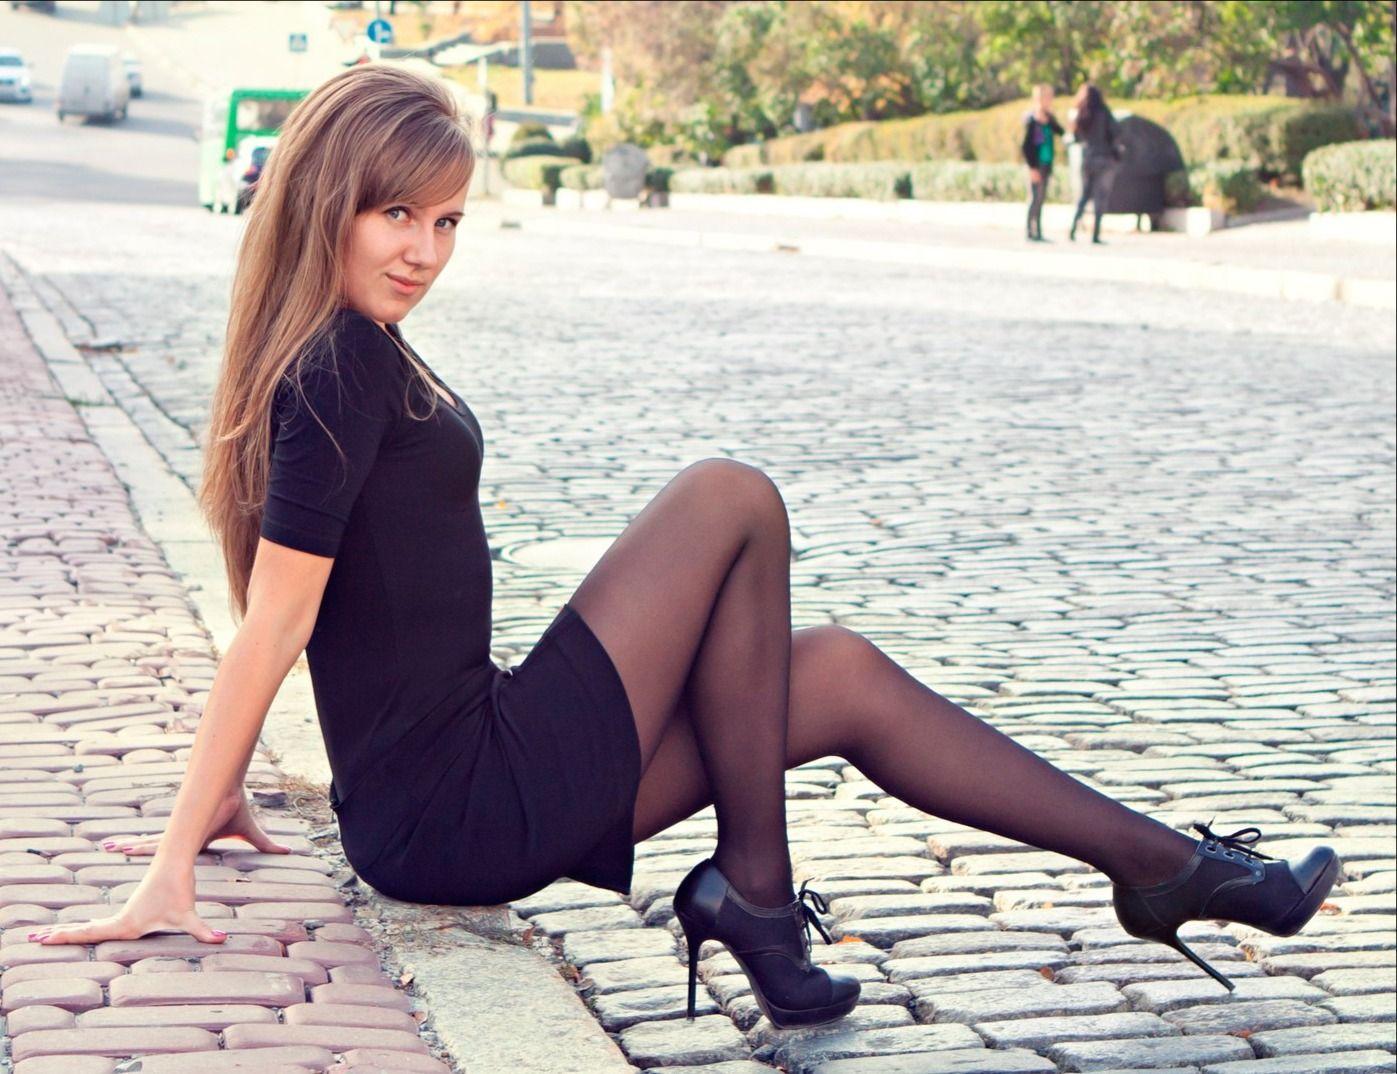 красивые девушки мира в мини юбках - 6